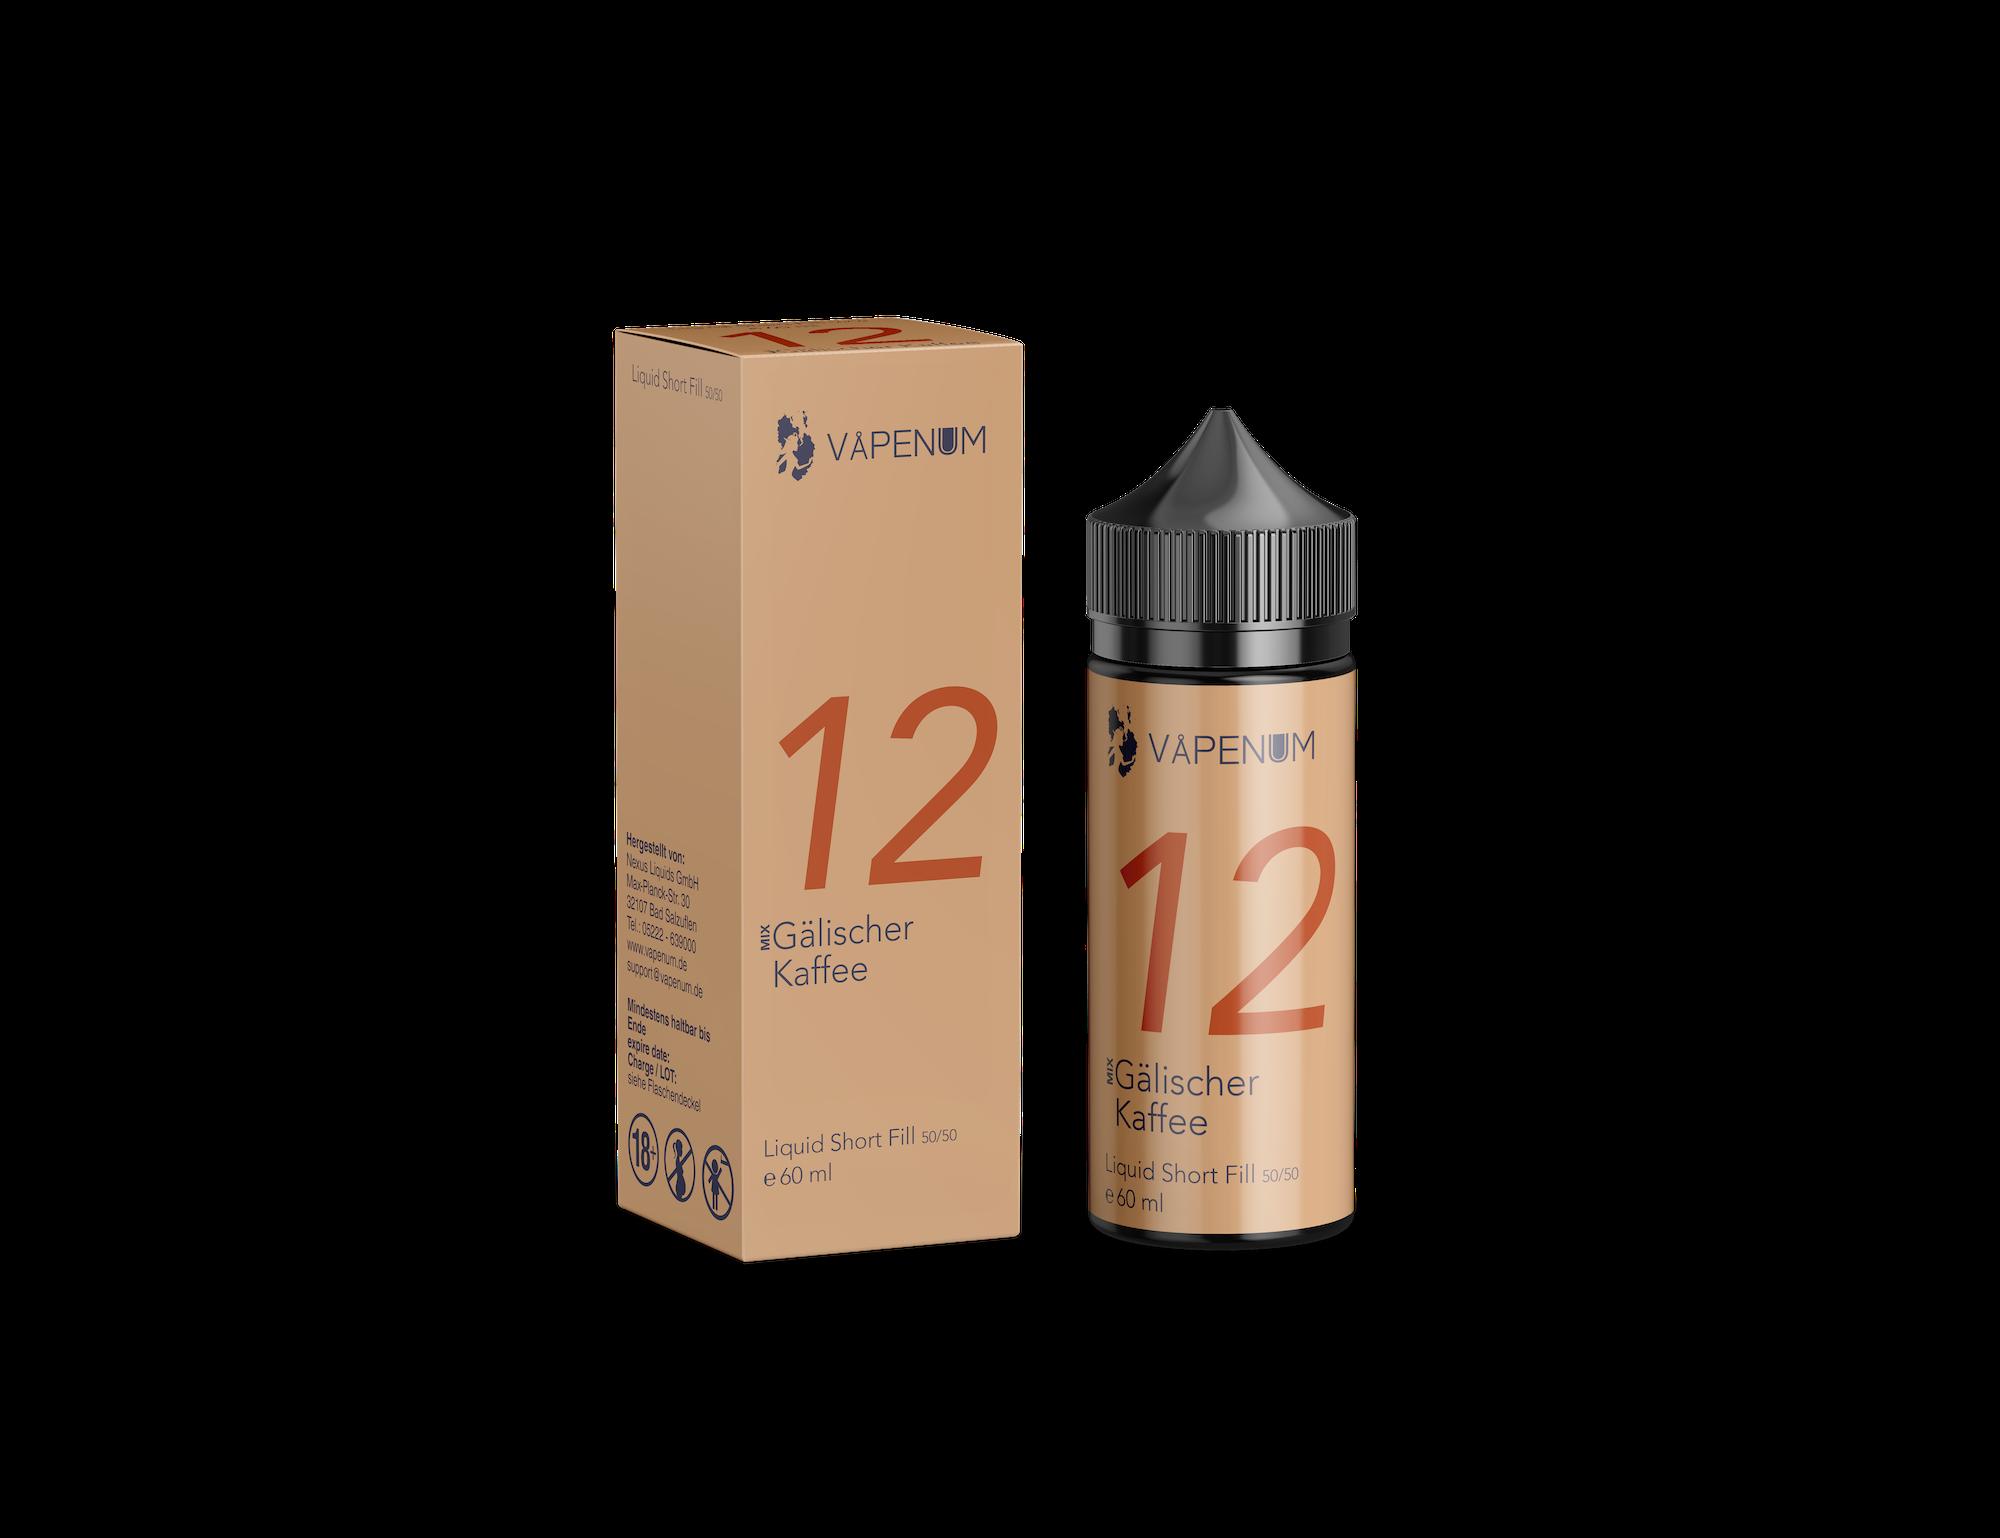 Vapenum Shortfill Mix 12 Gälischer Kaffee